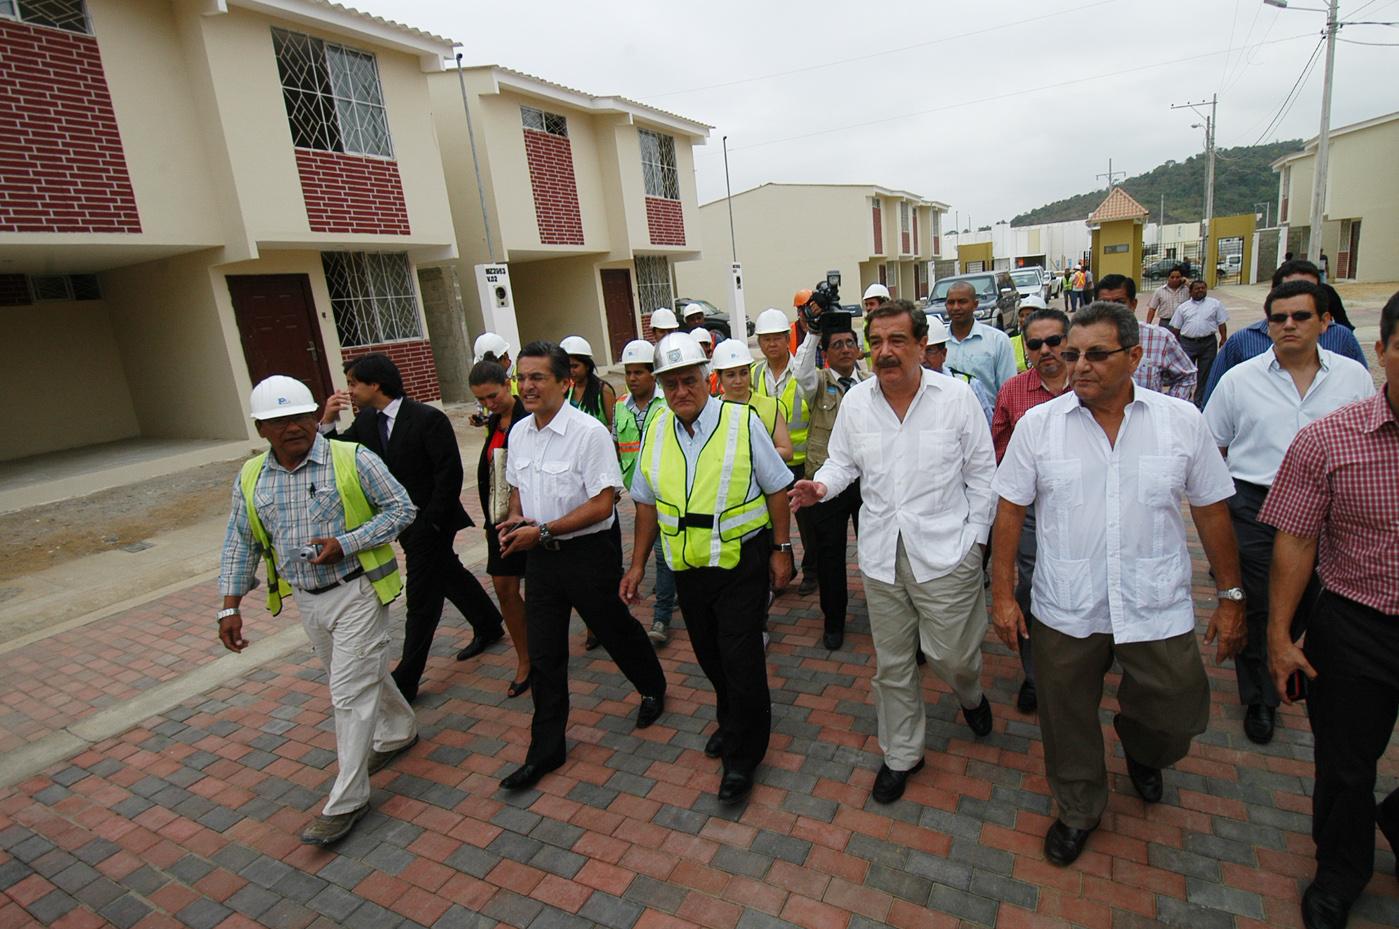 Entreg el jueves 9 de agosto las primeras casas de mucho for Urbanizacion mucho lote 2 villa modelo